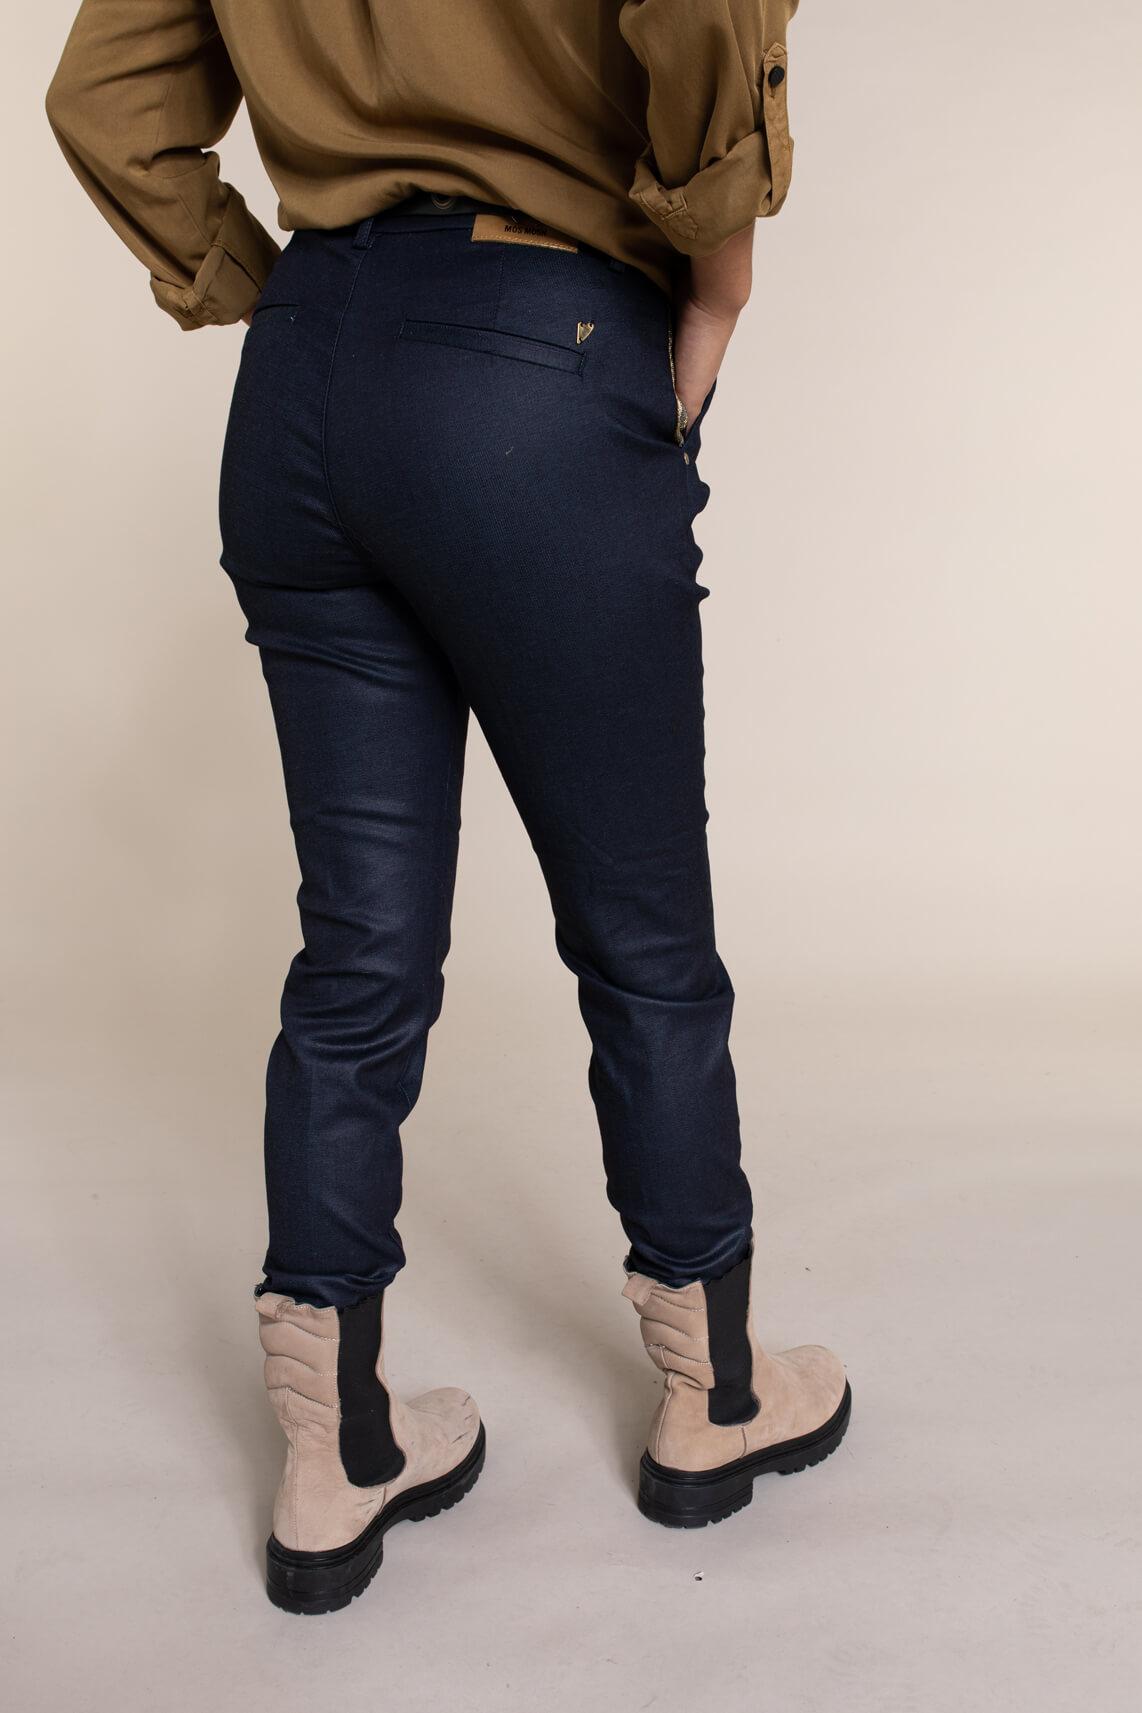 Mos Mosh Dames Blake gecoate jeans Blauw